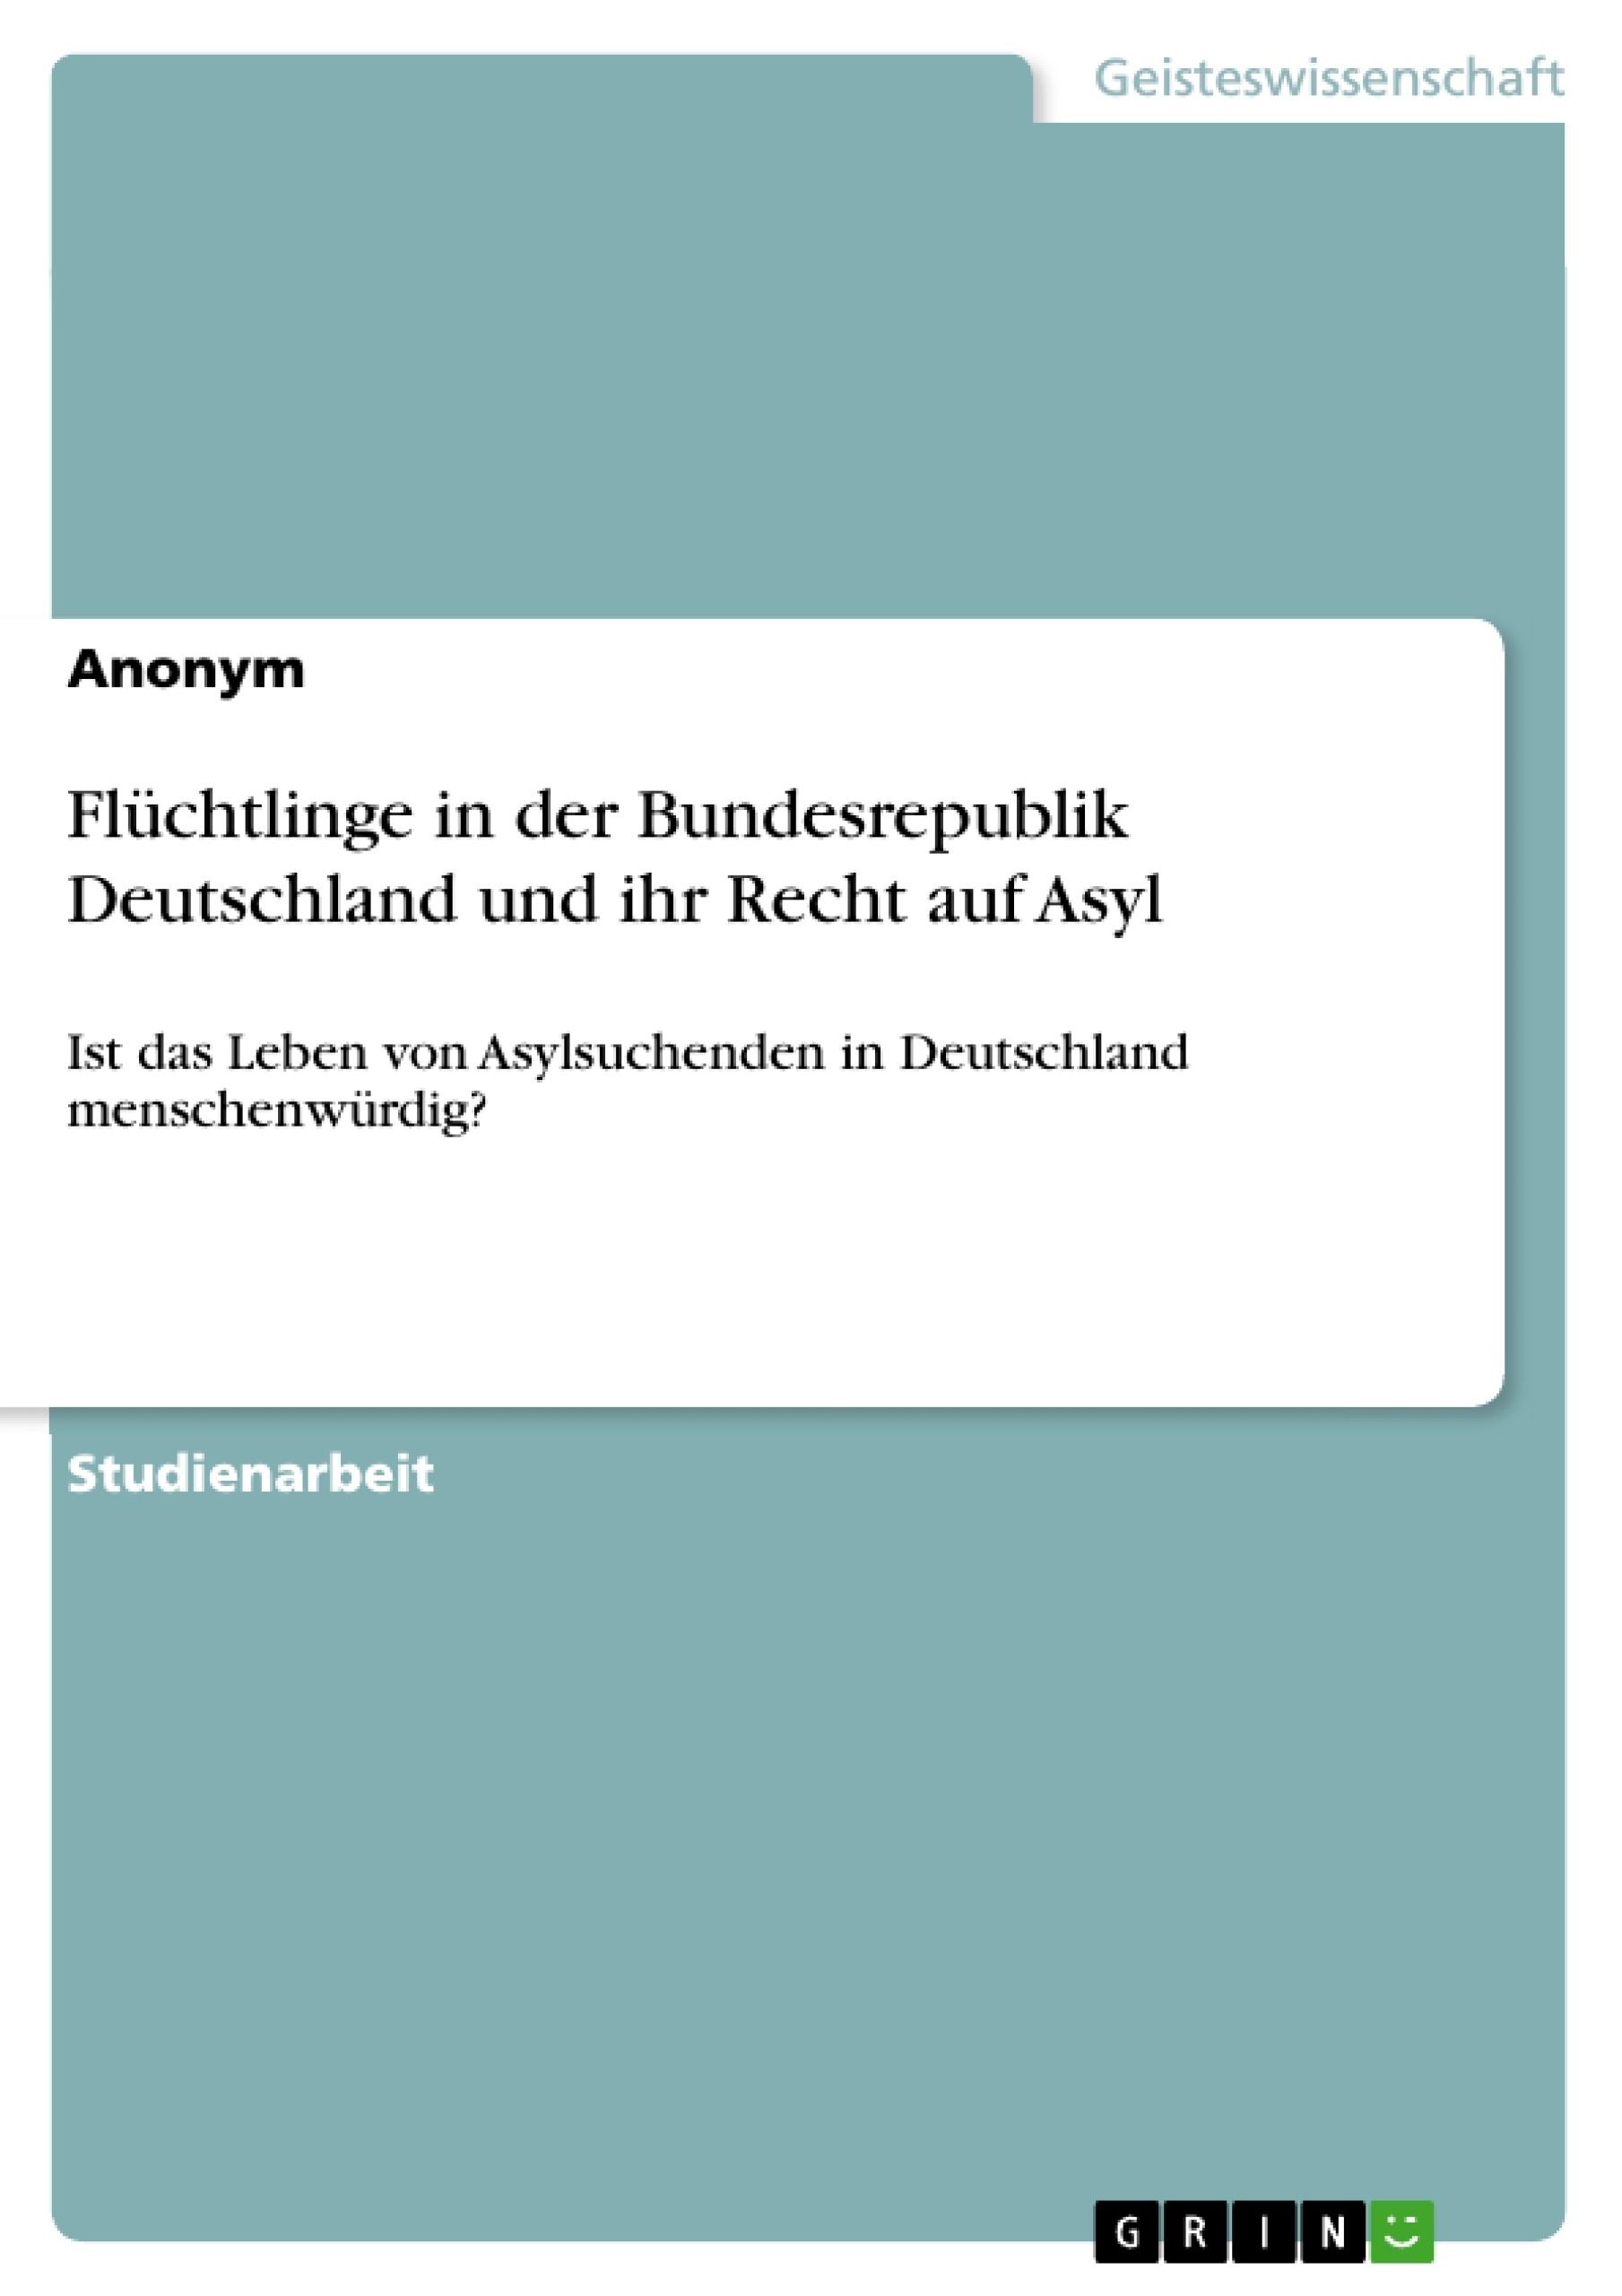 Titel: Flüchtlinge in der Bundesrepublik Deutschland und ihr Recht auf Asyl